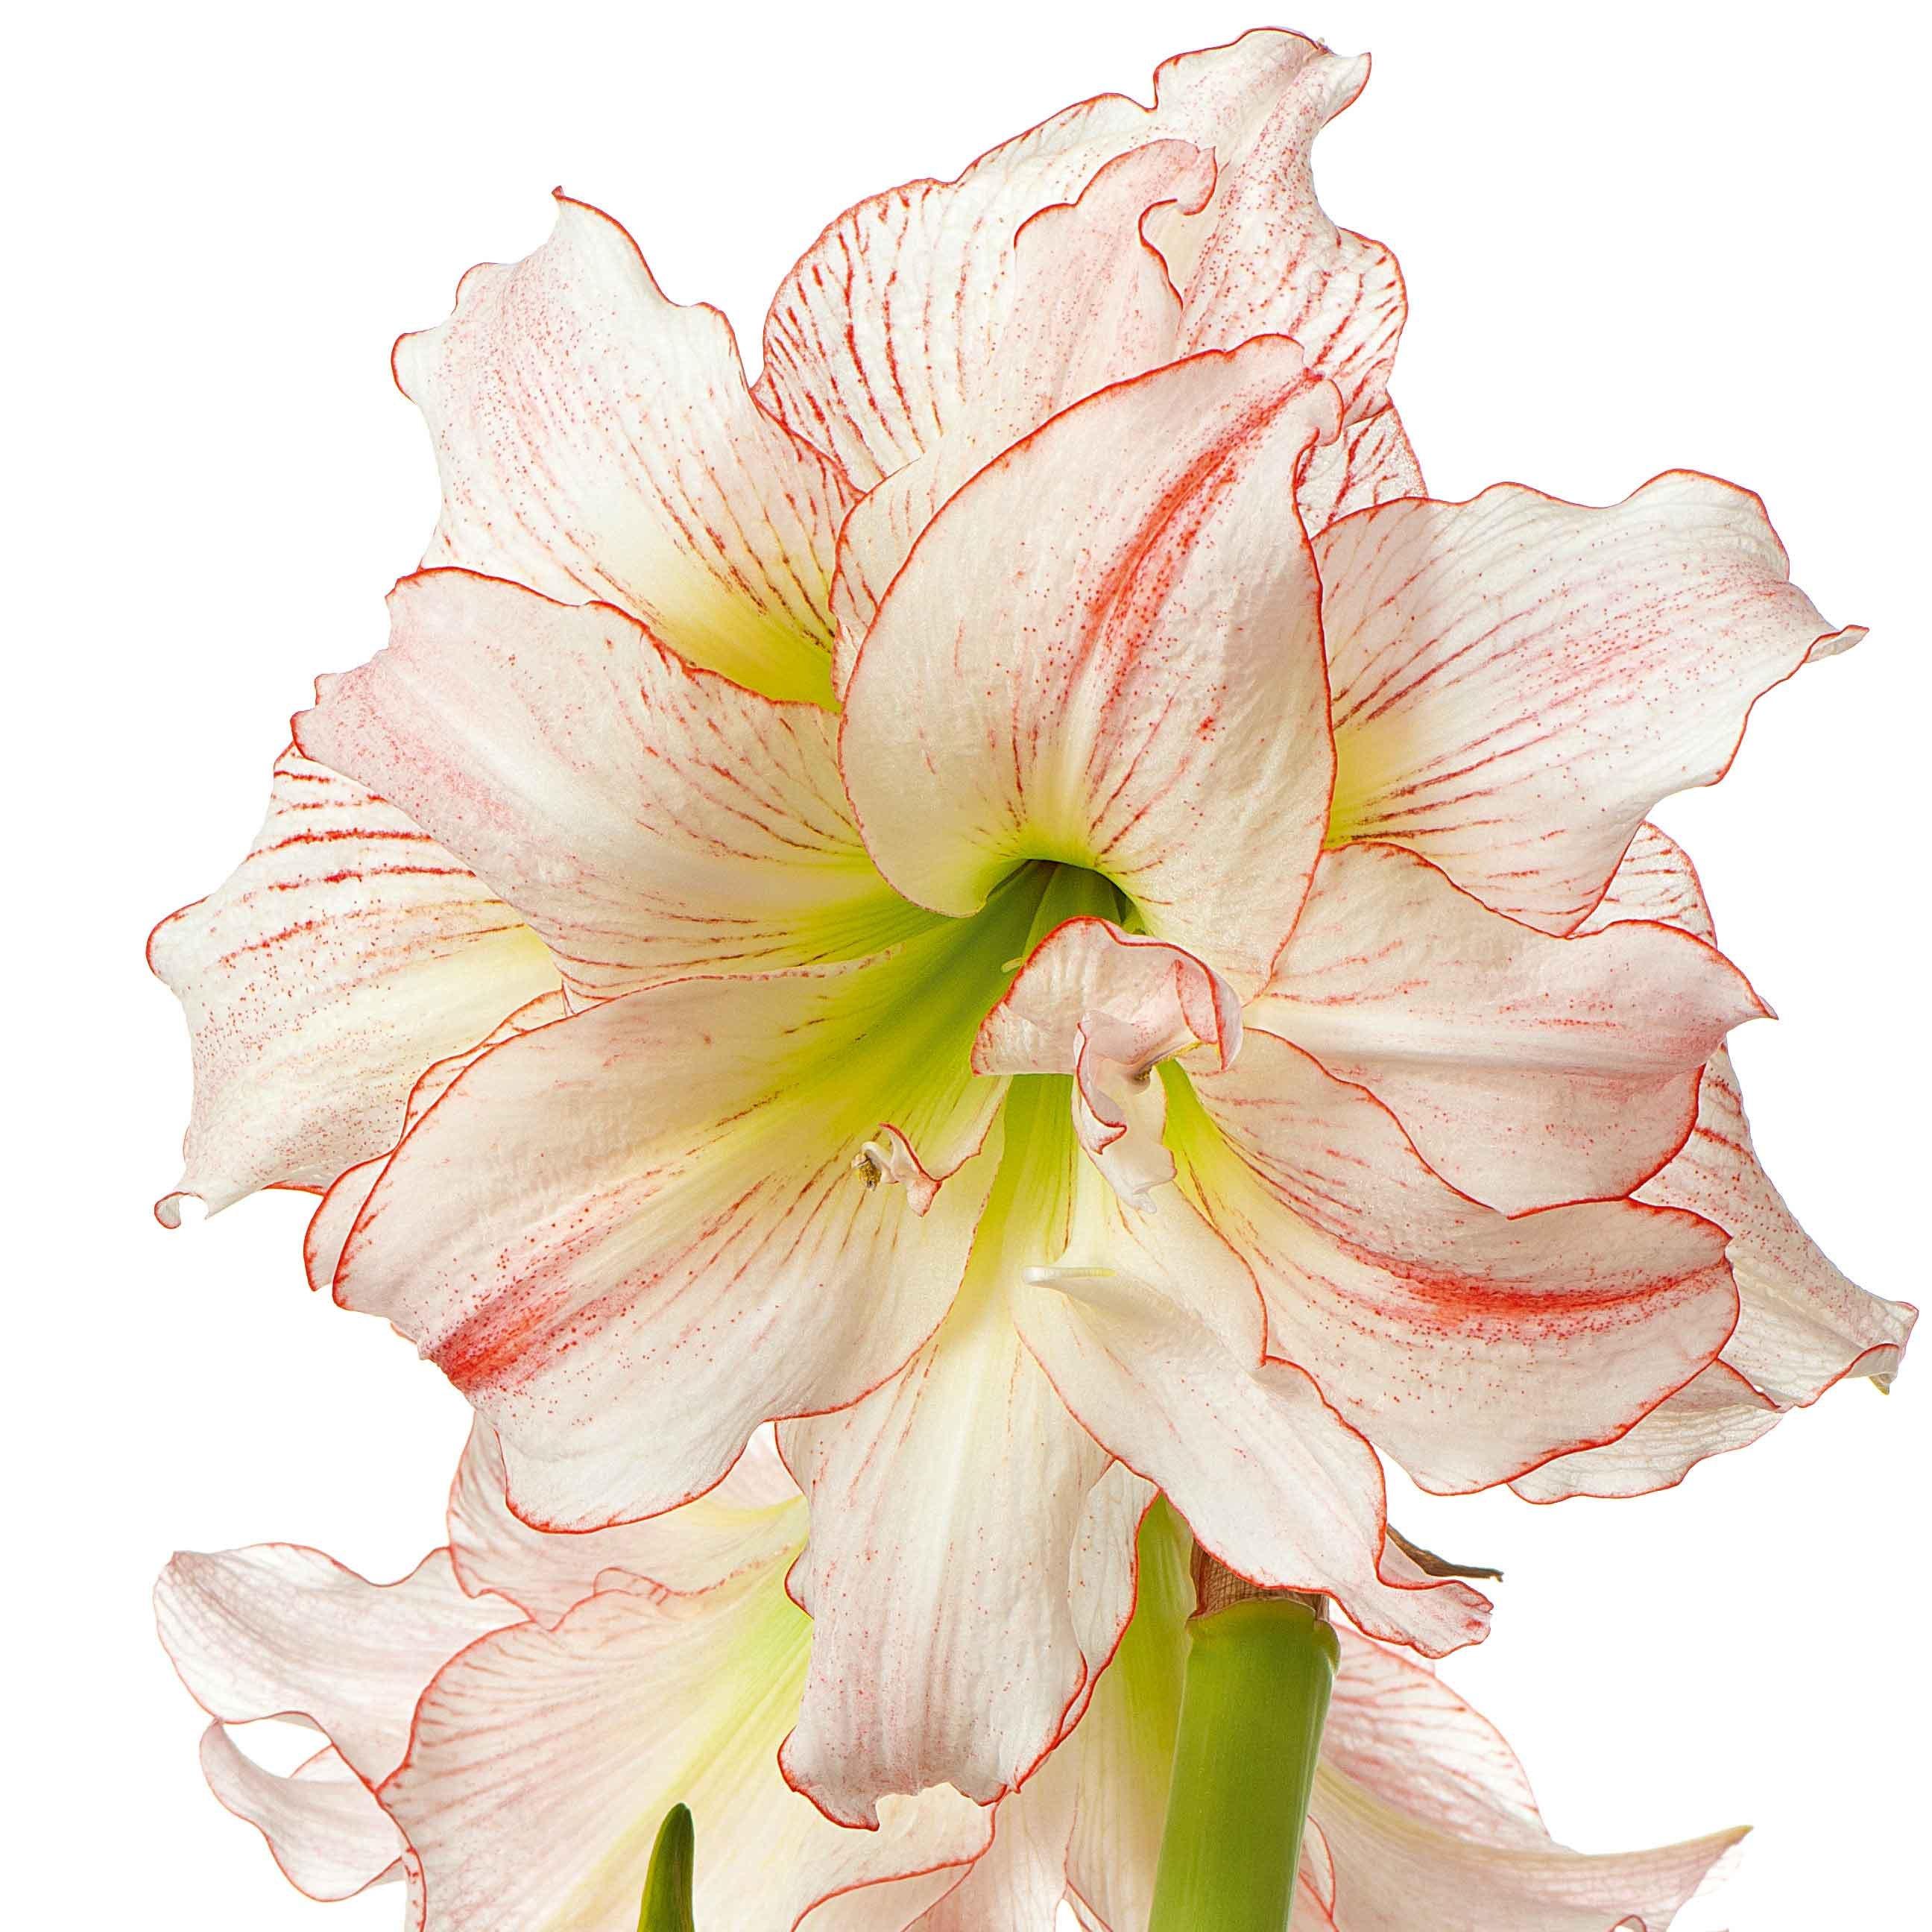 Come Seccare Le Piante gloriosa, amaryllis, clivia: piante fiorite in casa in